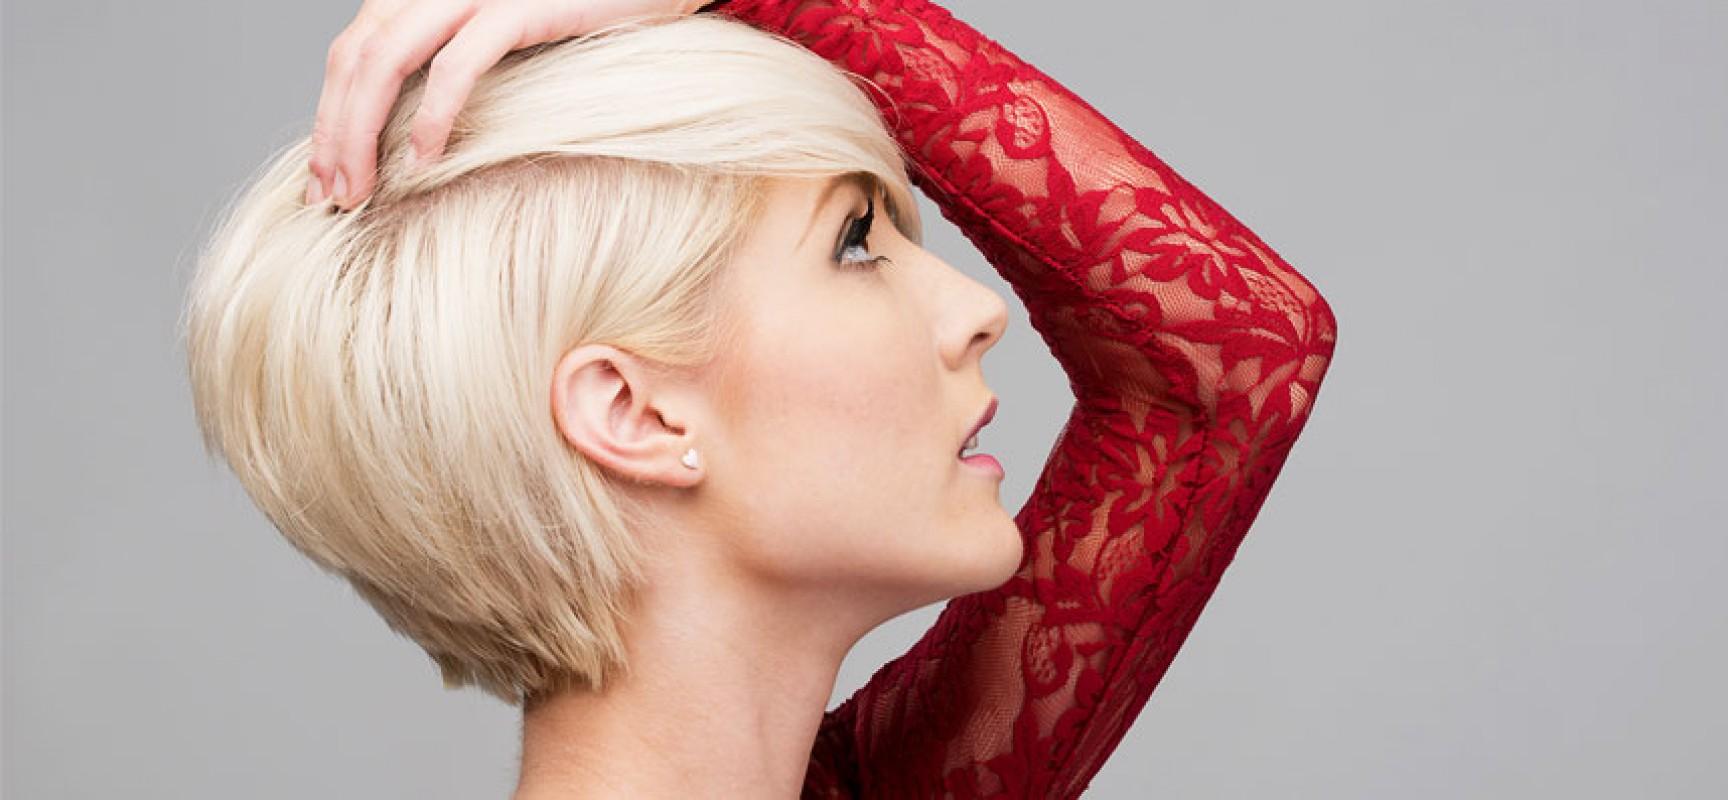 hair tutorials for short hair - photo #39